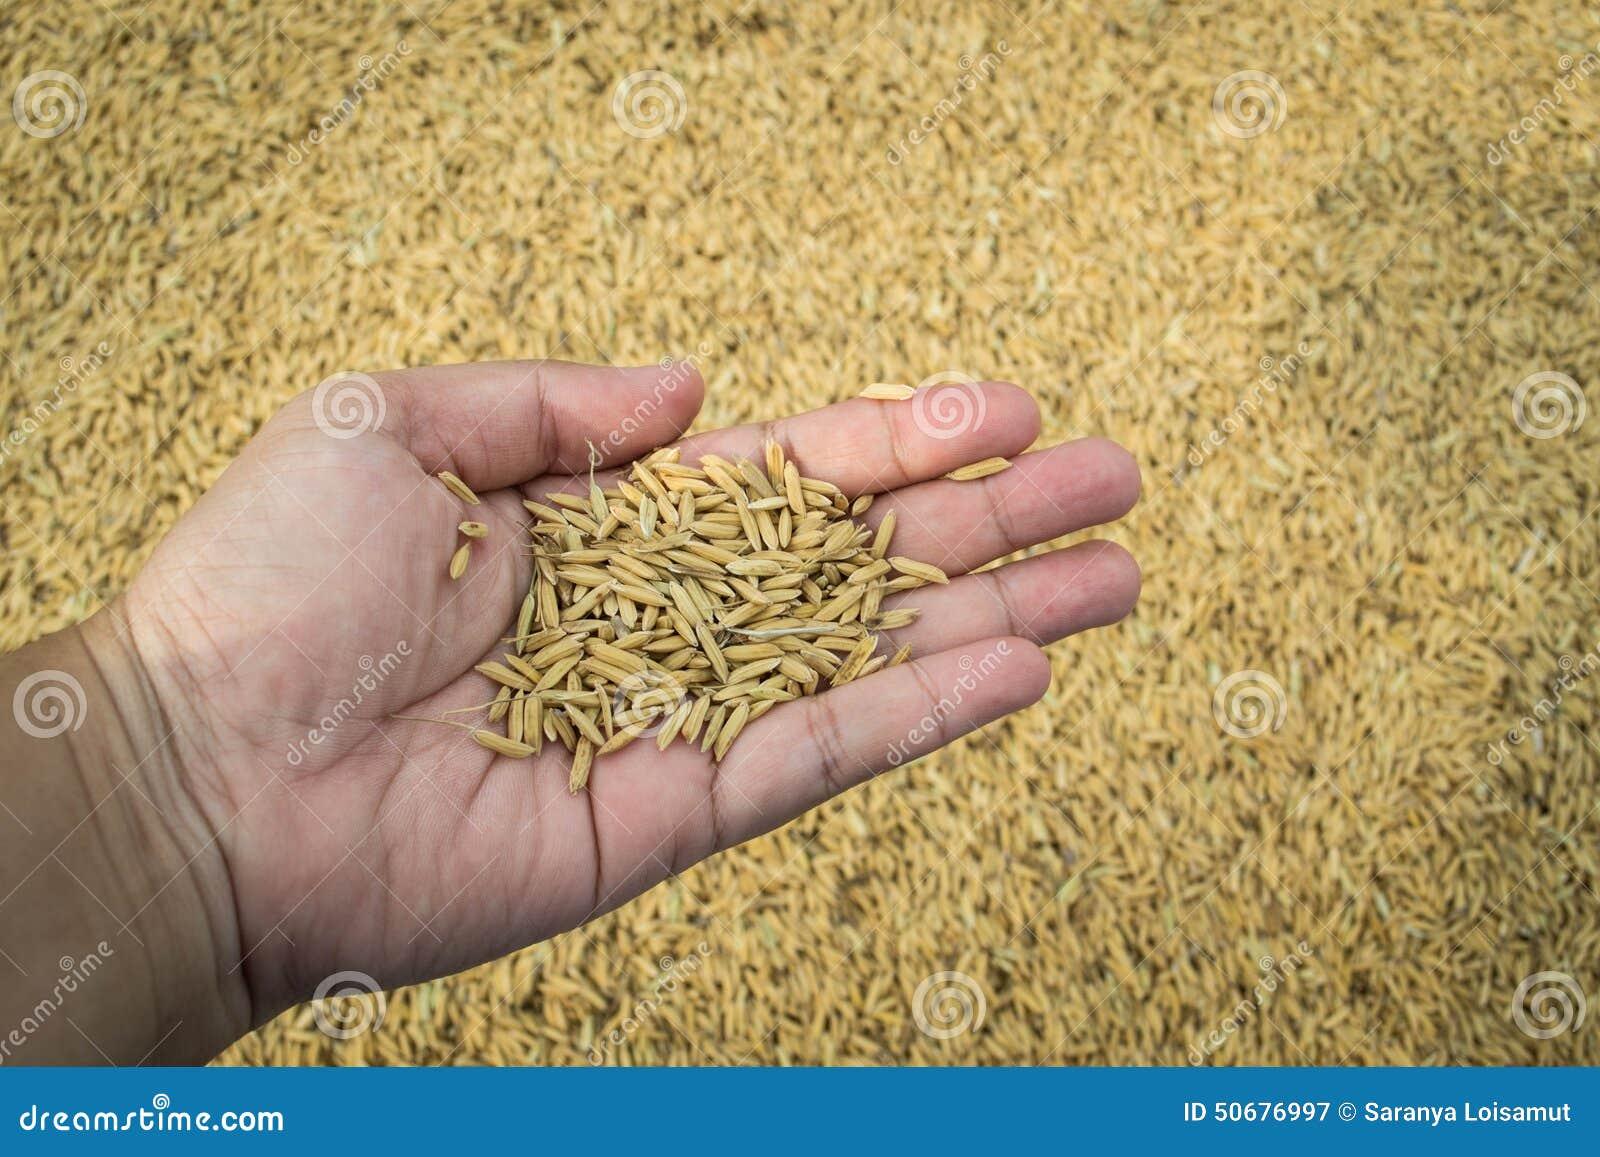 Download 手中的水稻 库存图片. 图片 包括有 沙漠, 气候, ,并且, 聚会所, 二项式, 特写镜头, 阿尔卑斯 - 50676997